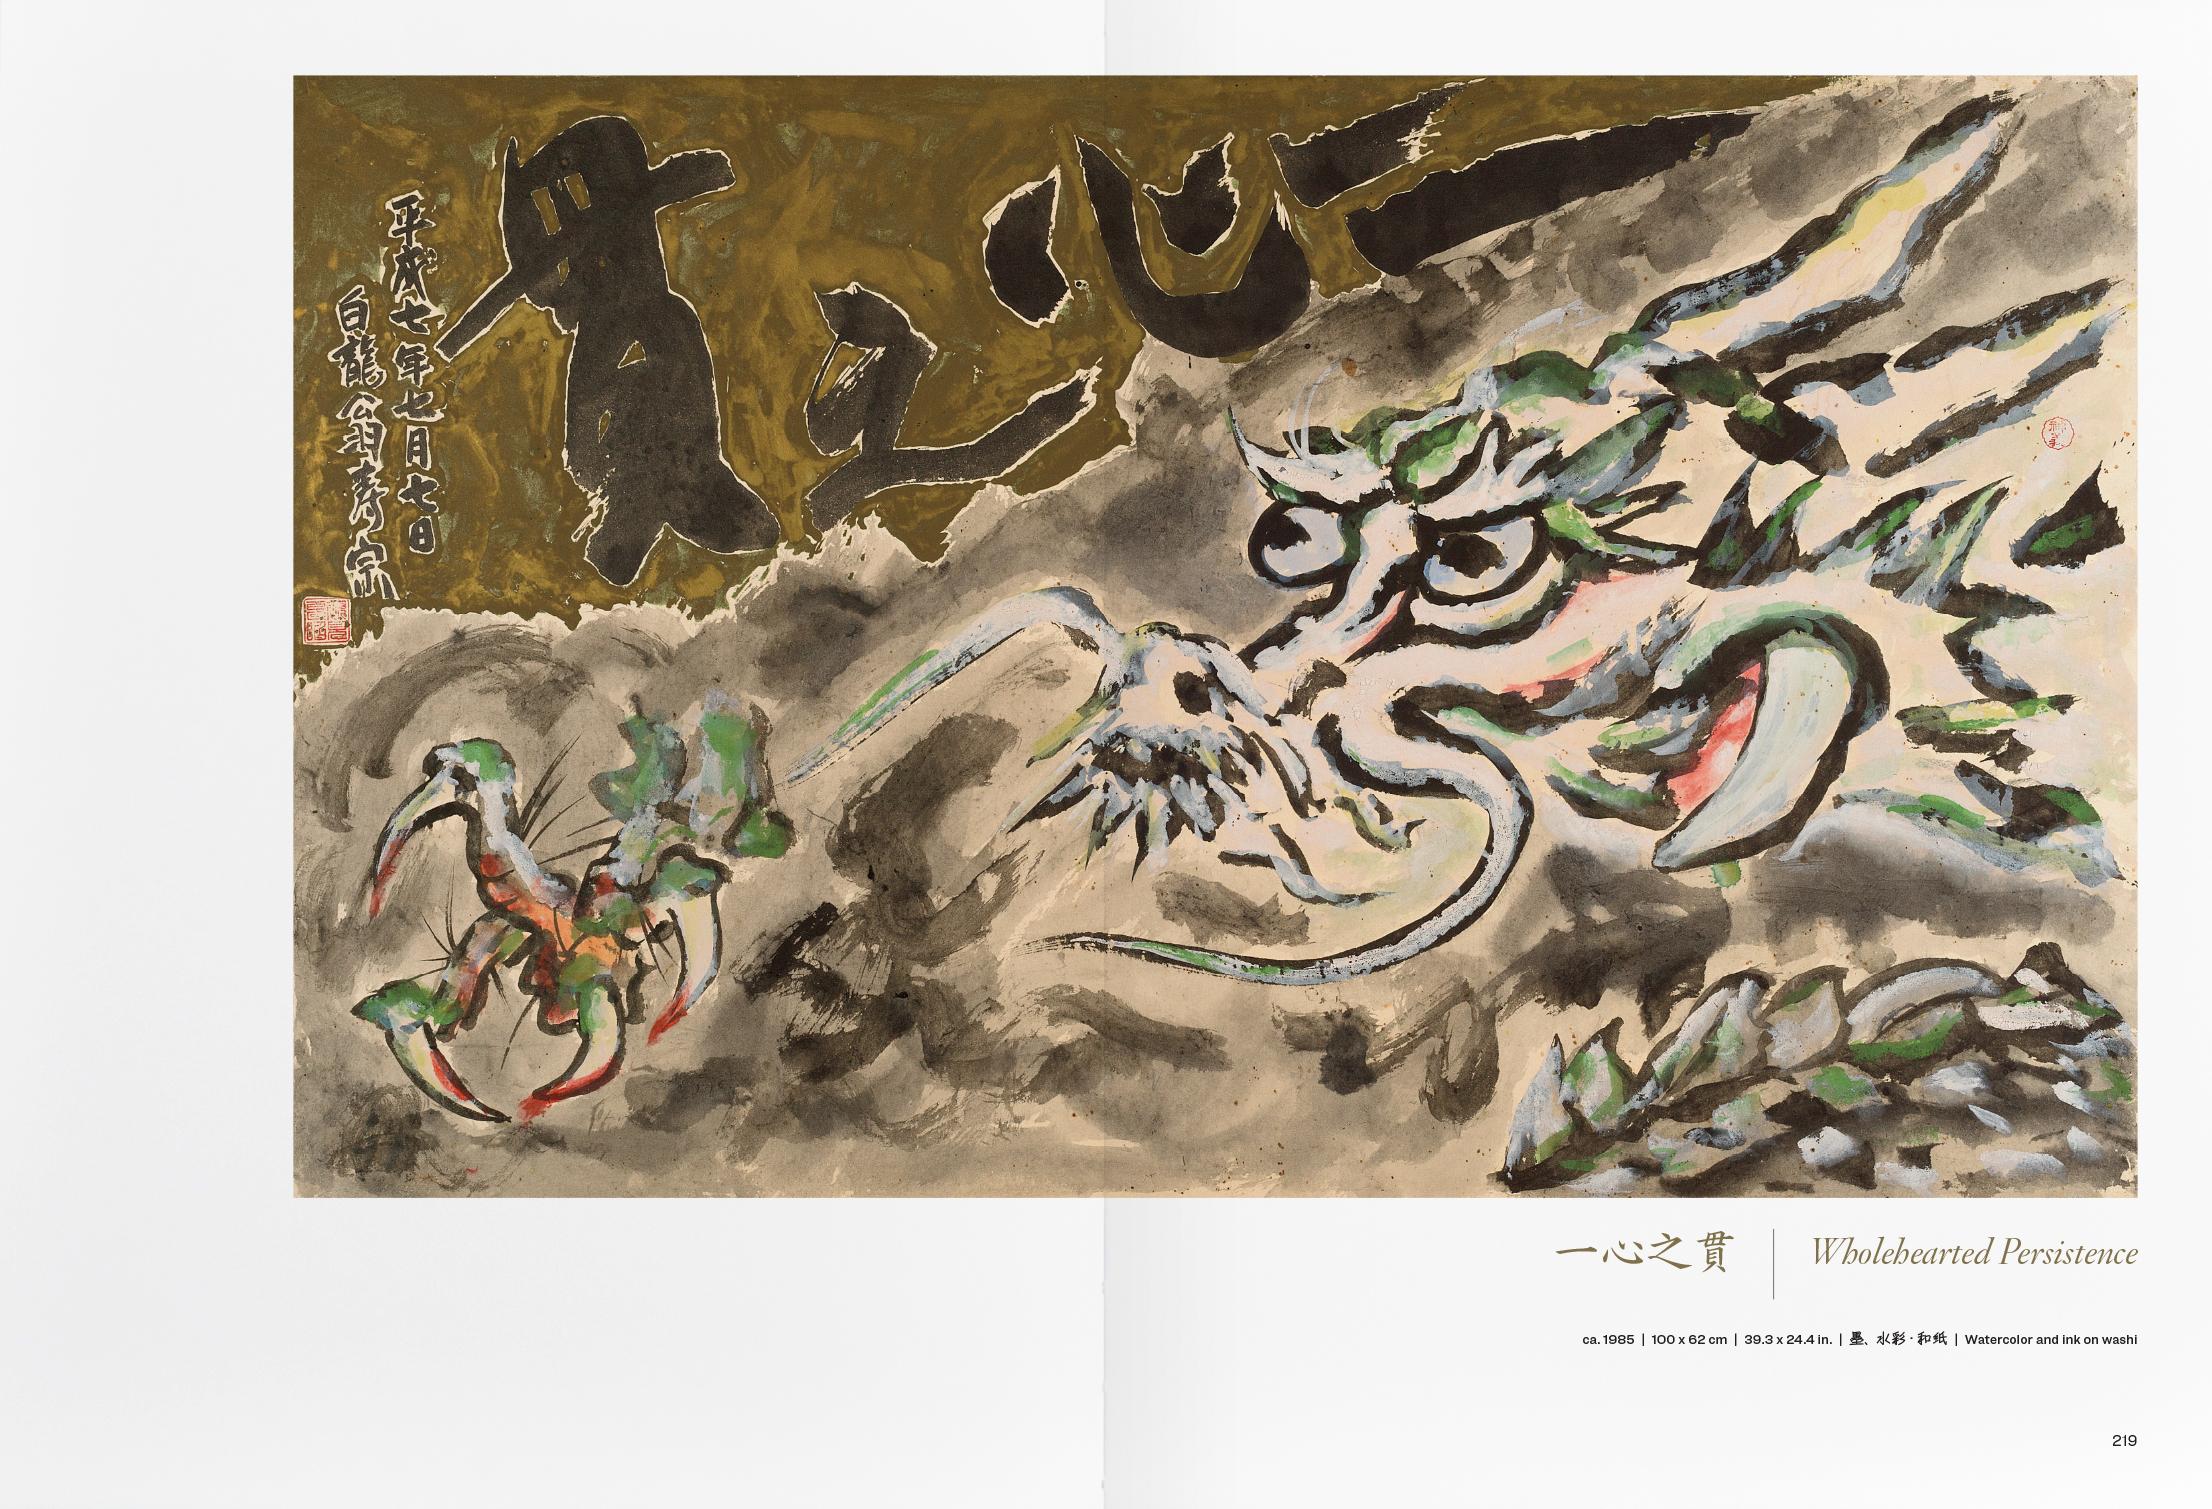 DojoGiga_book_spreads_new_09.jpg